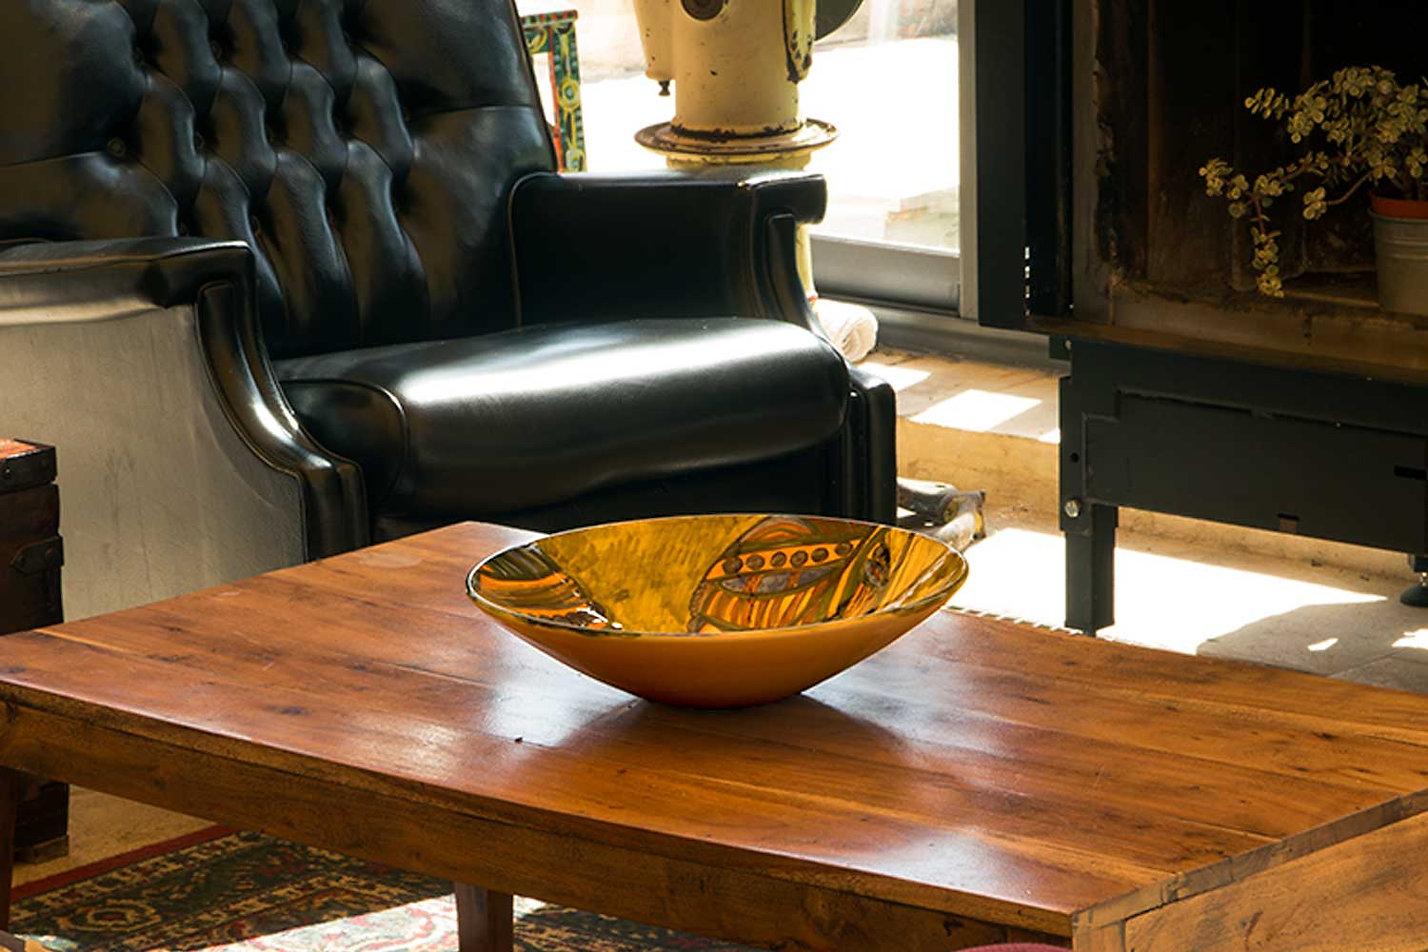 Centro tavola con pupo, molto colorato di raffinata eleganza  per abbellire la tavola, il soggiorno e la sala da pranzo